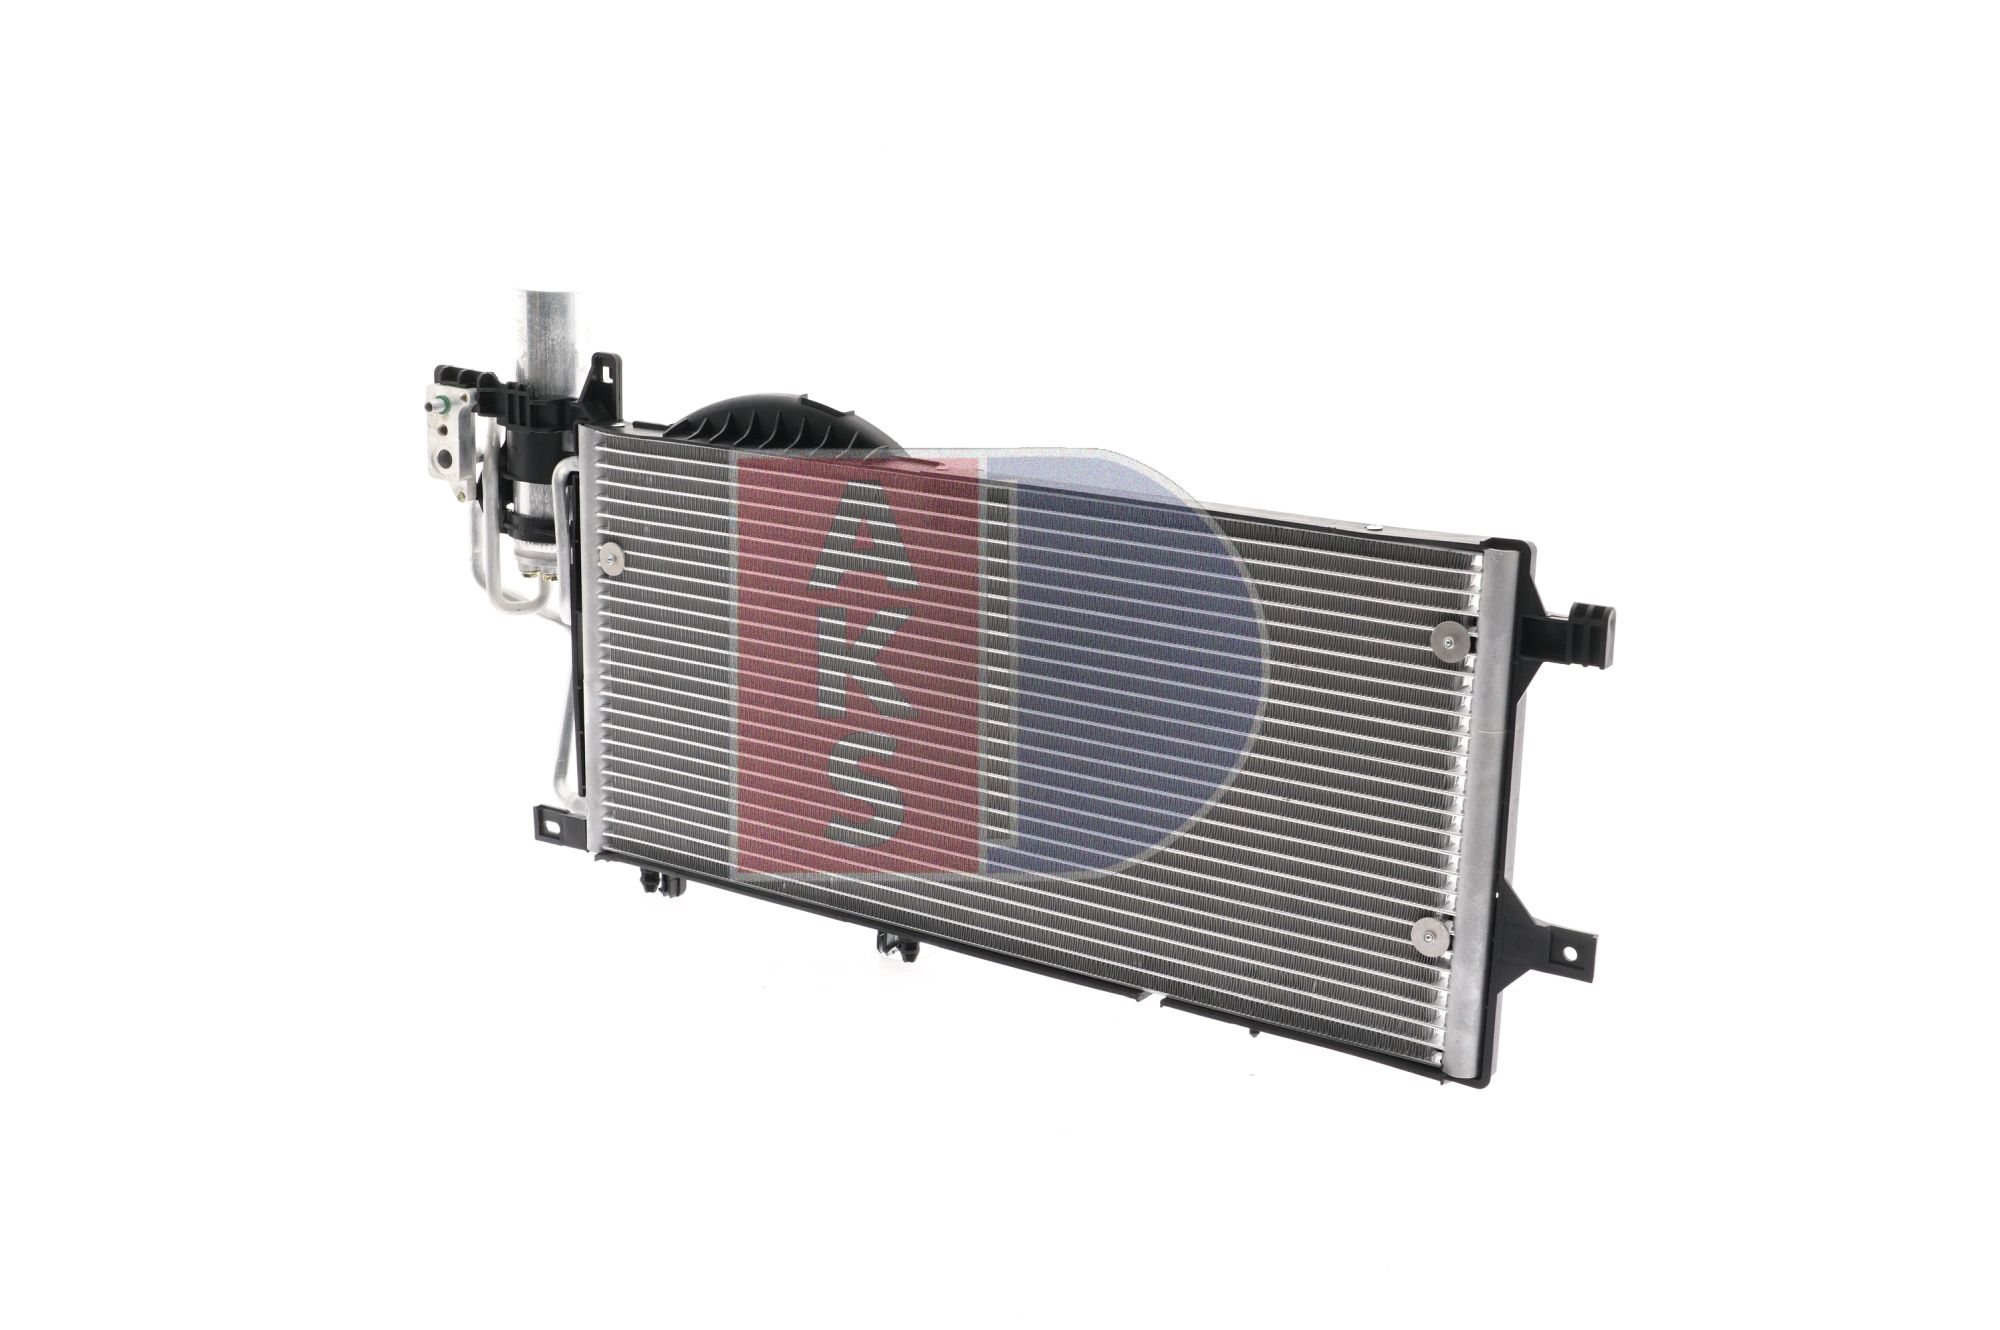 Kondensator, Klimaanlage Netzmaße: 540x263x16 mit OEM-Nummer 18 50 071